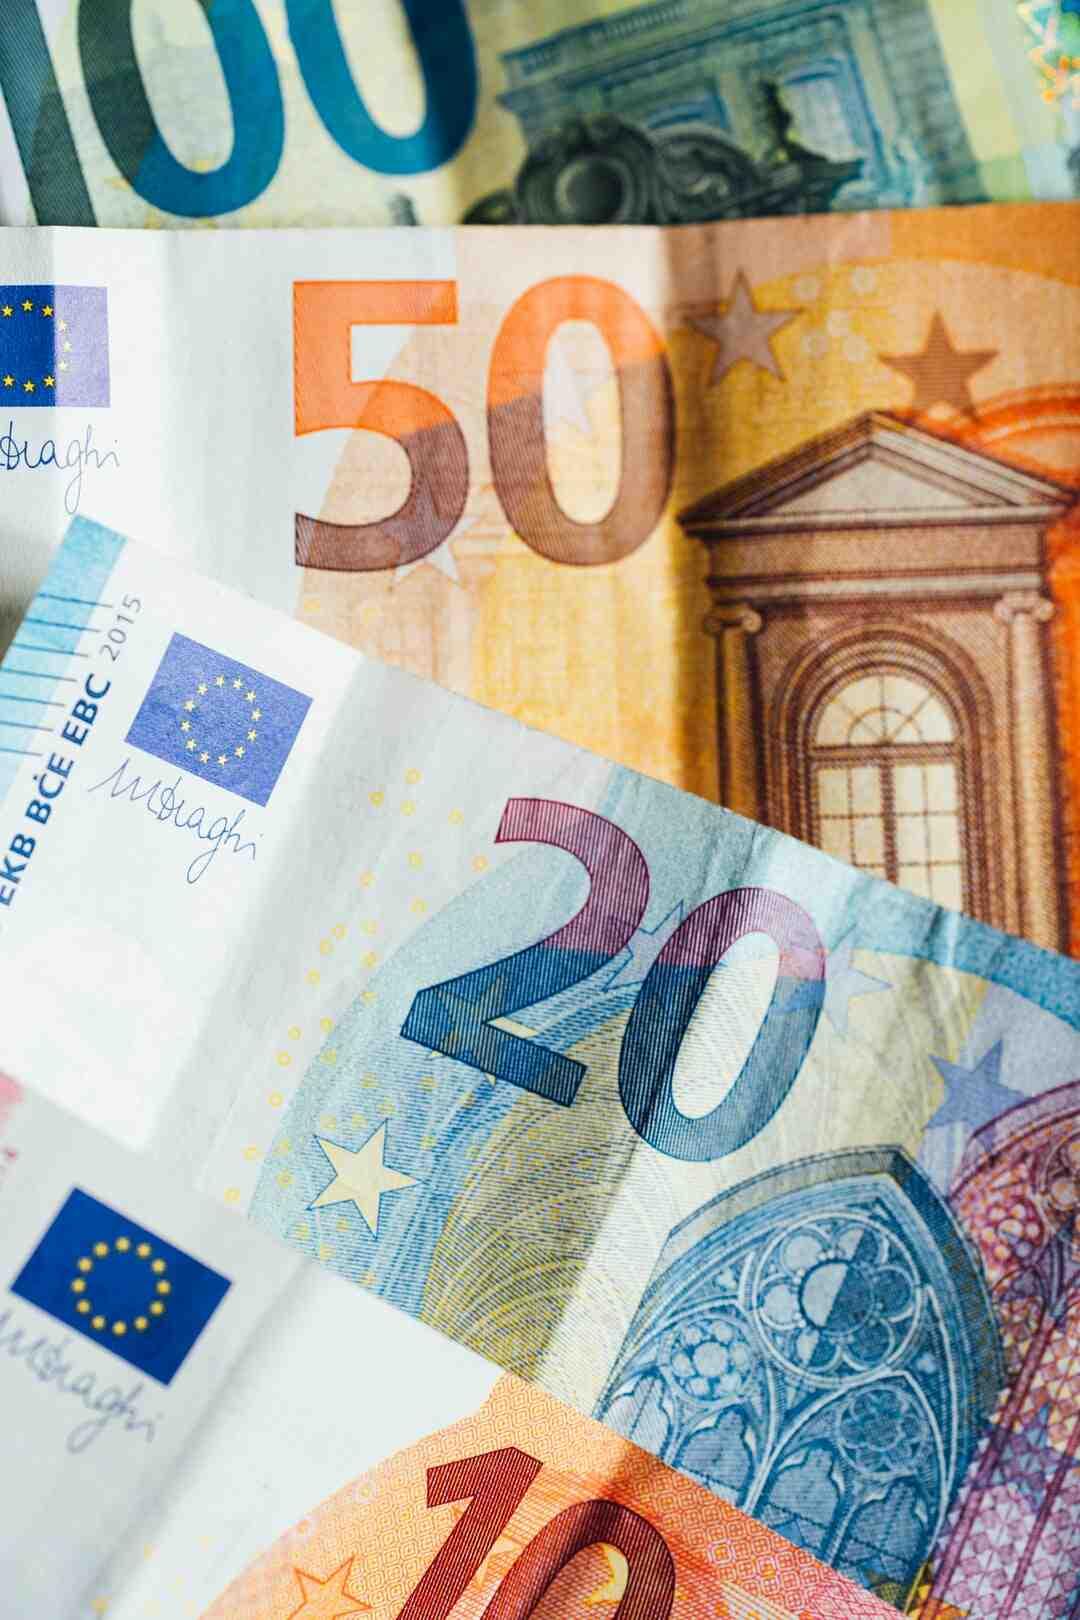 Quel revenu pour isolation à 1 euros en 2020 ?